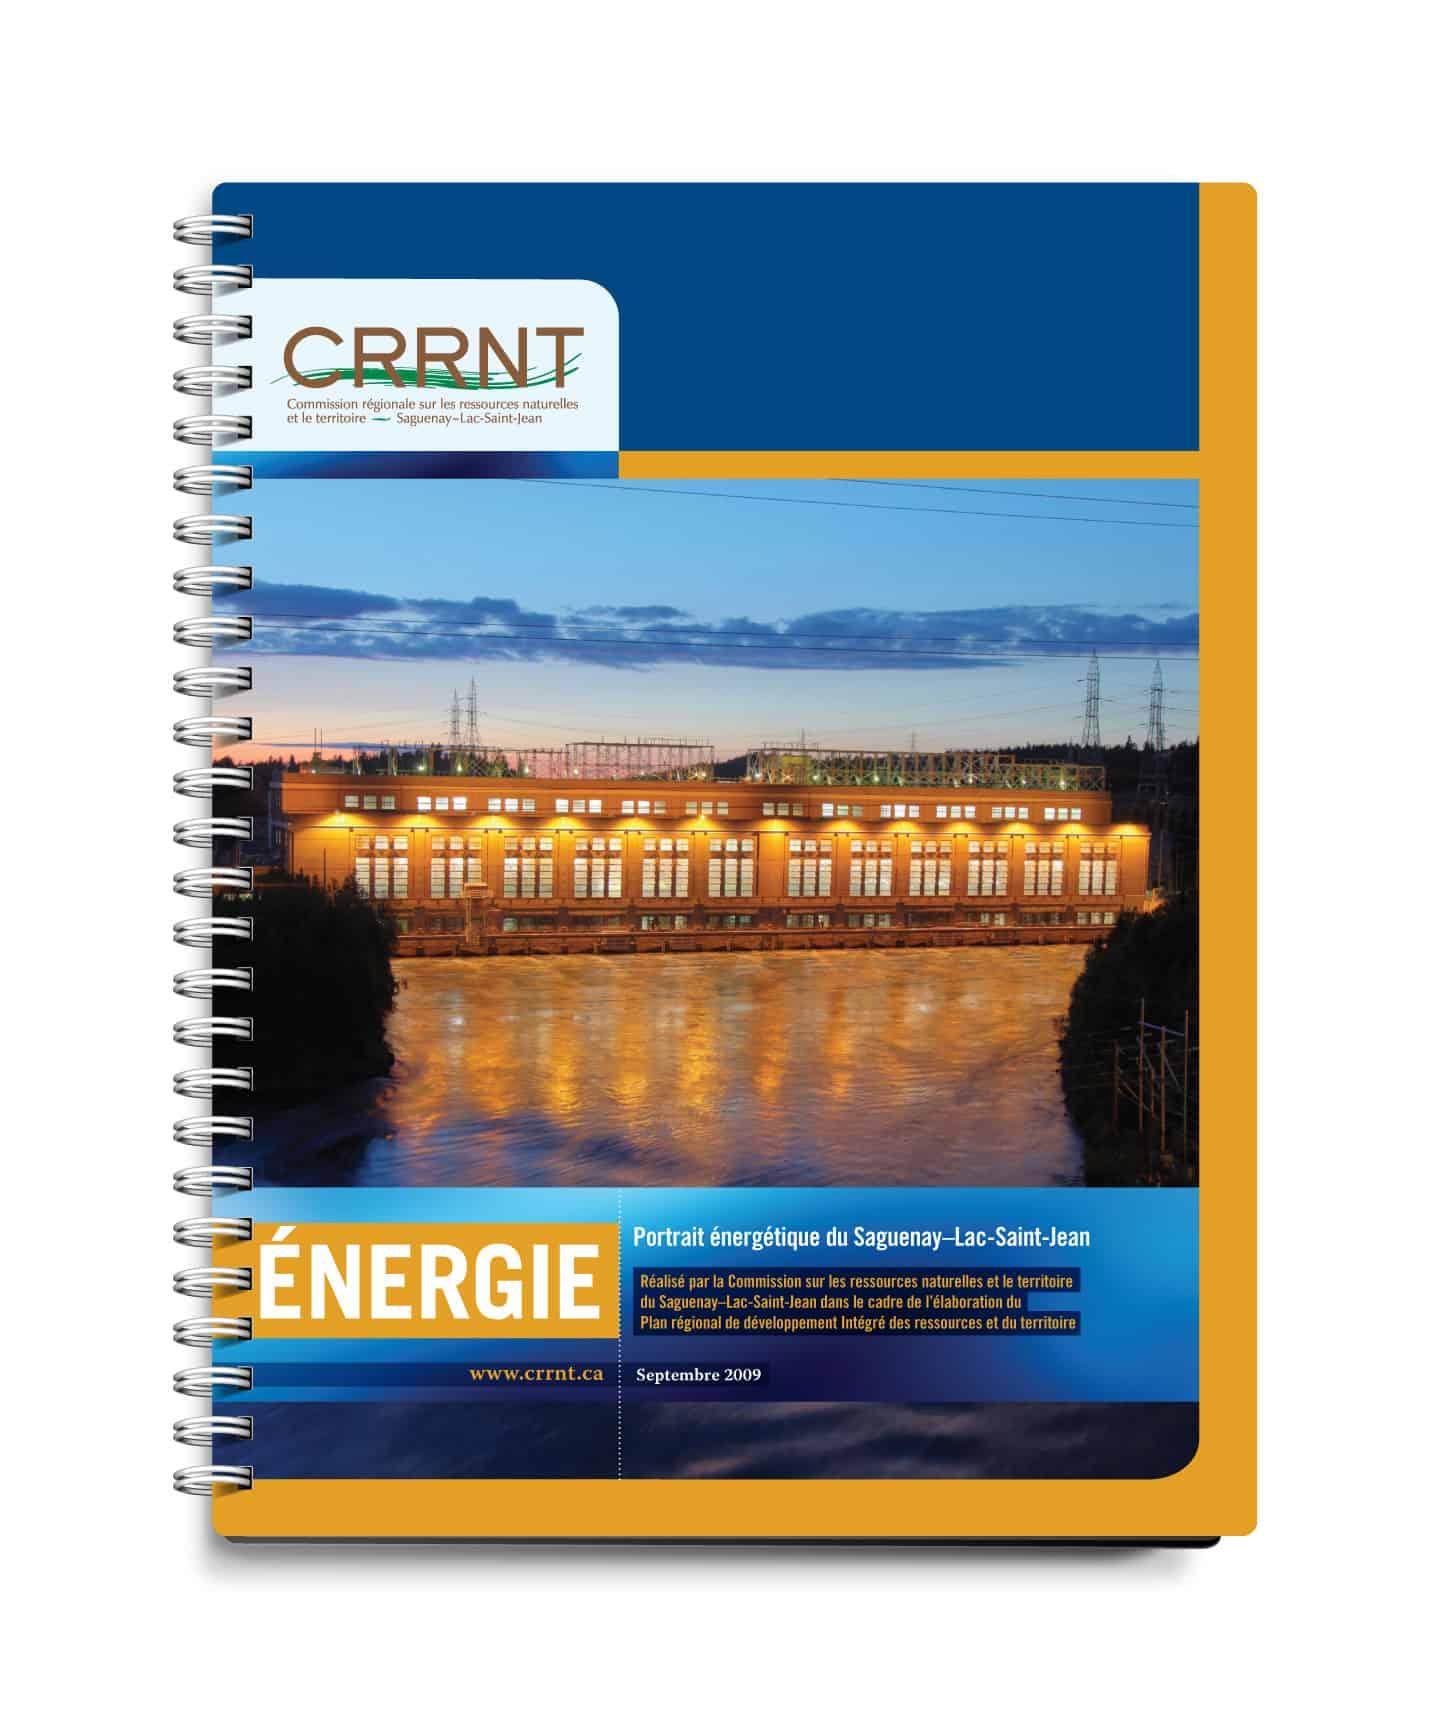 CRRNT - Graphisme couvert par Cyan concept - Énergie